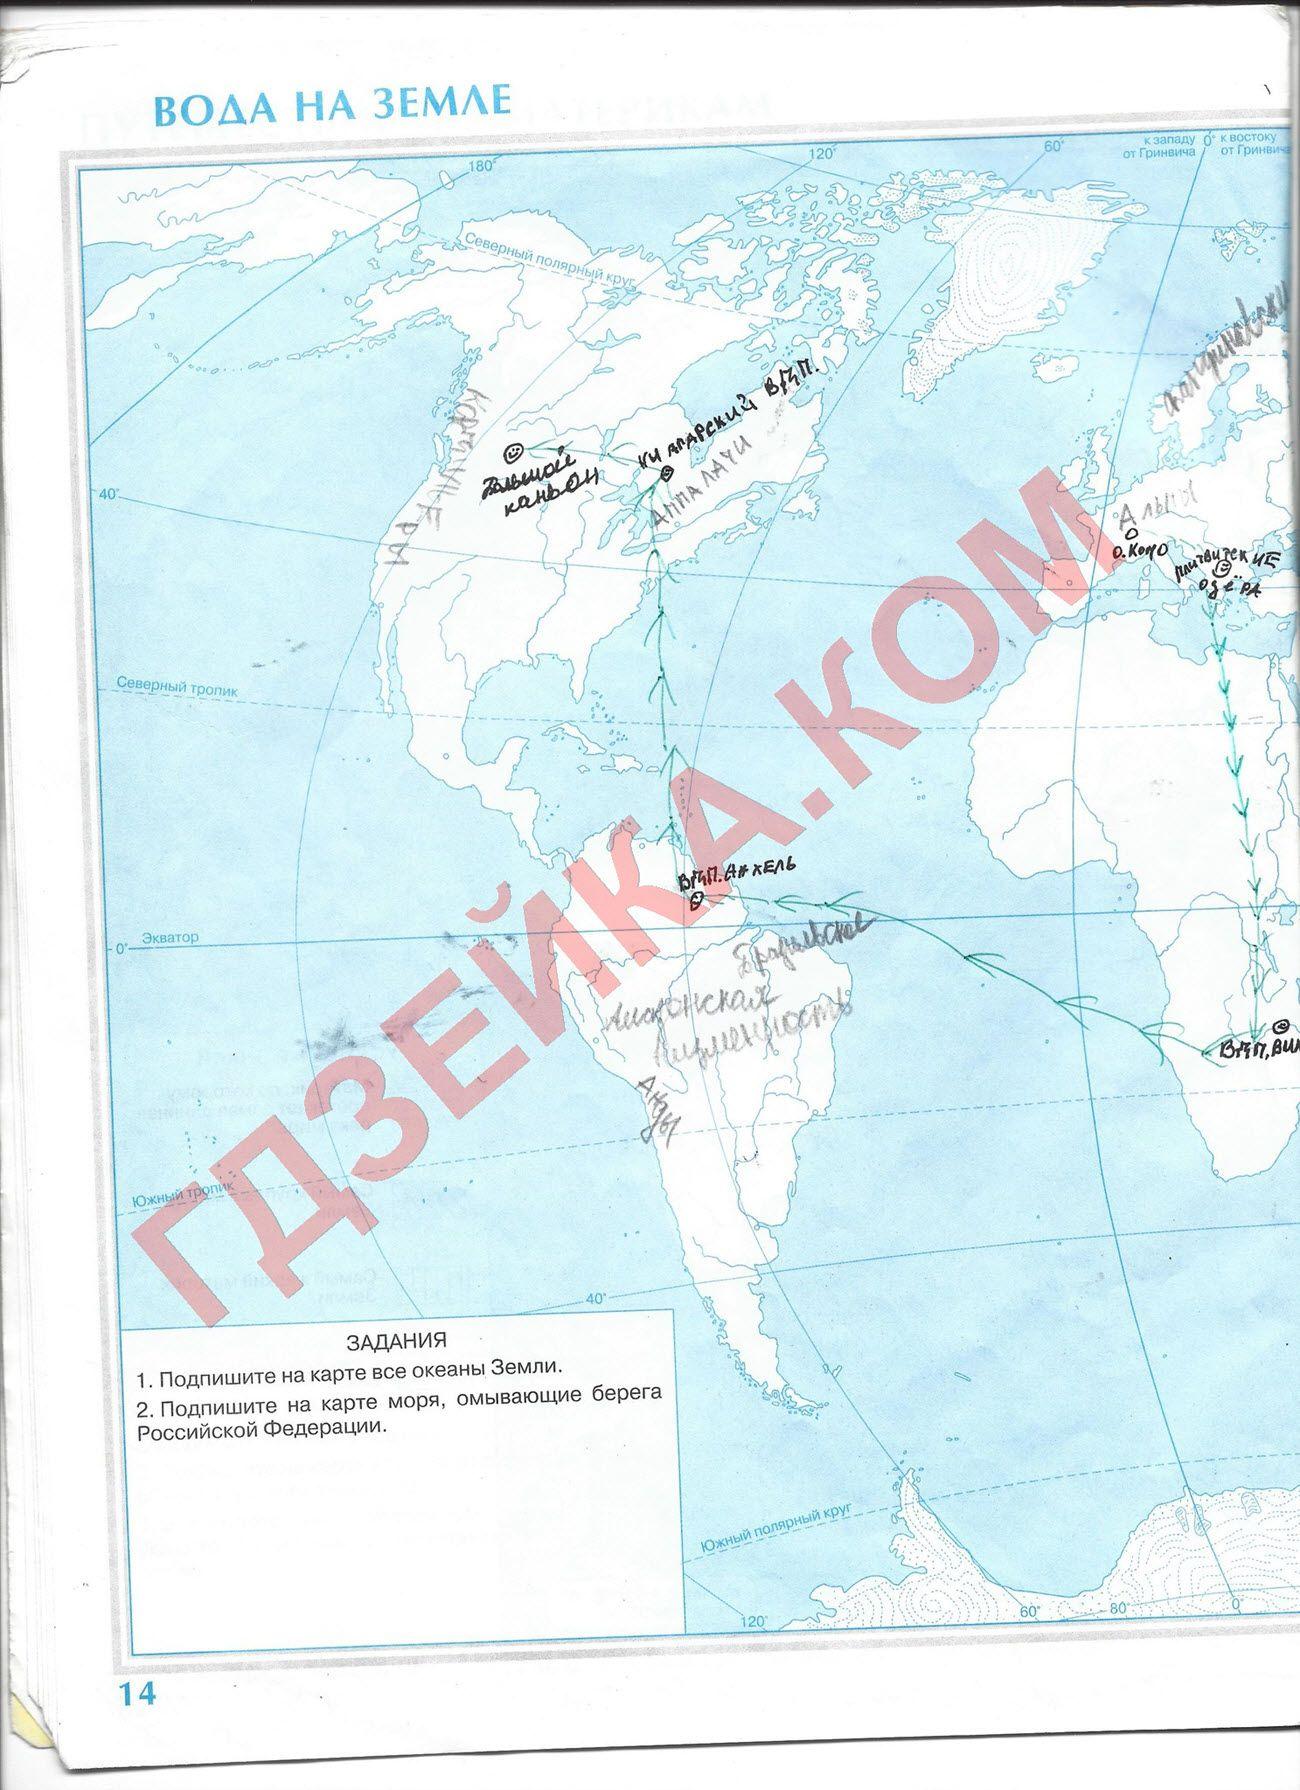 Гдз по географии герасимова 6 класс контурные карты